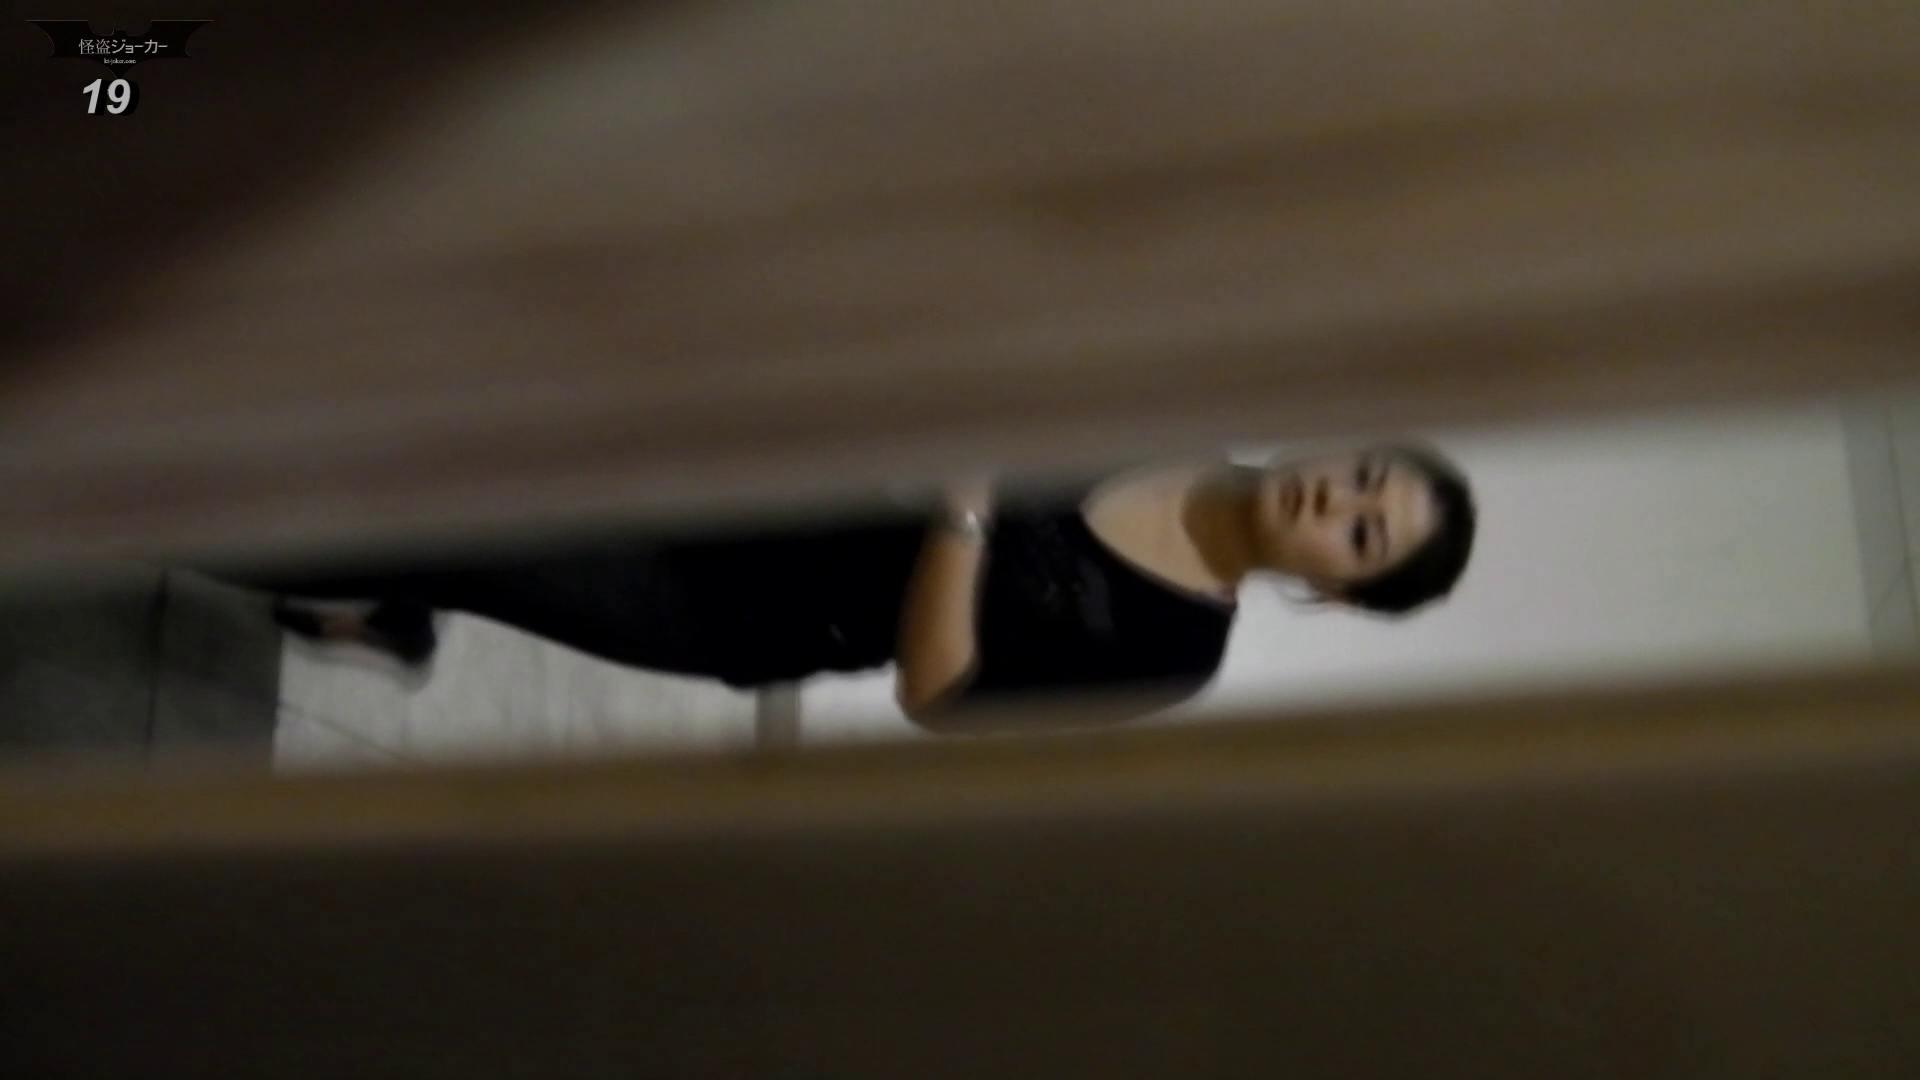 阿国ちゃんの「和式洋式七変化」 (NEW)19 「雫」はしっかりと切るんです! 和式・女子用 エロ無料画像 86画像 29